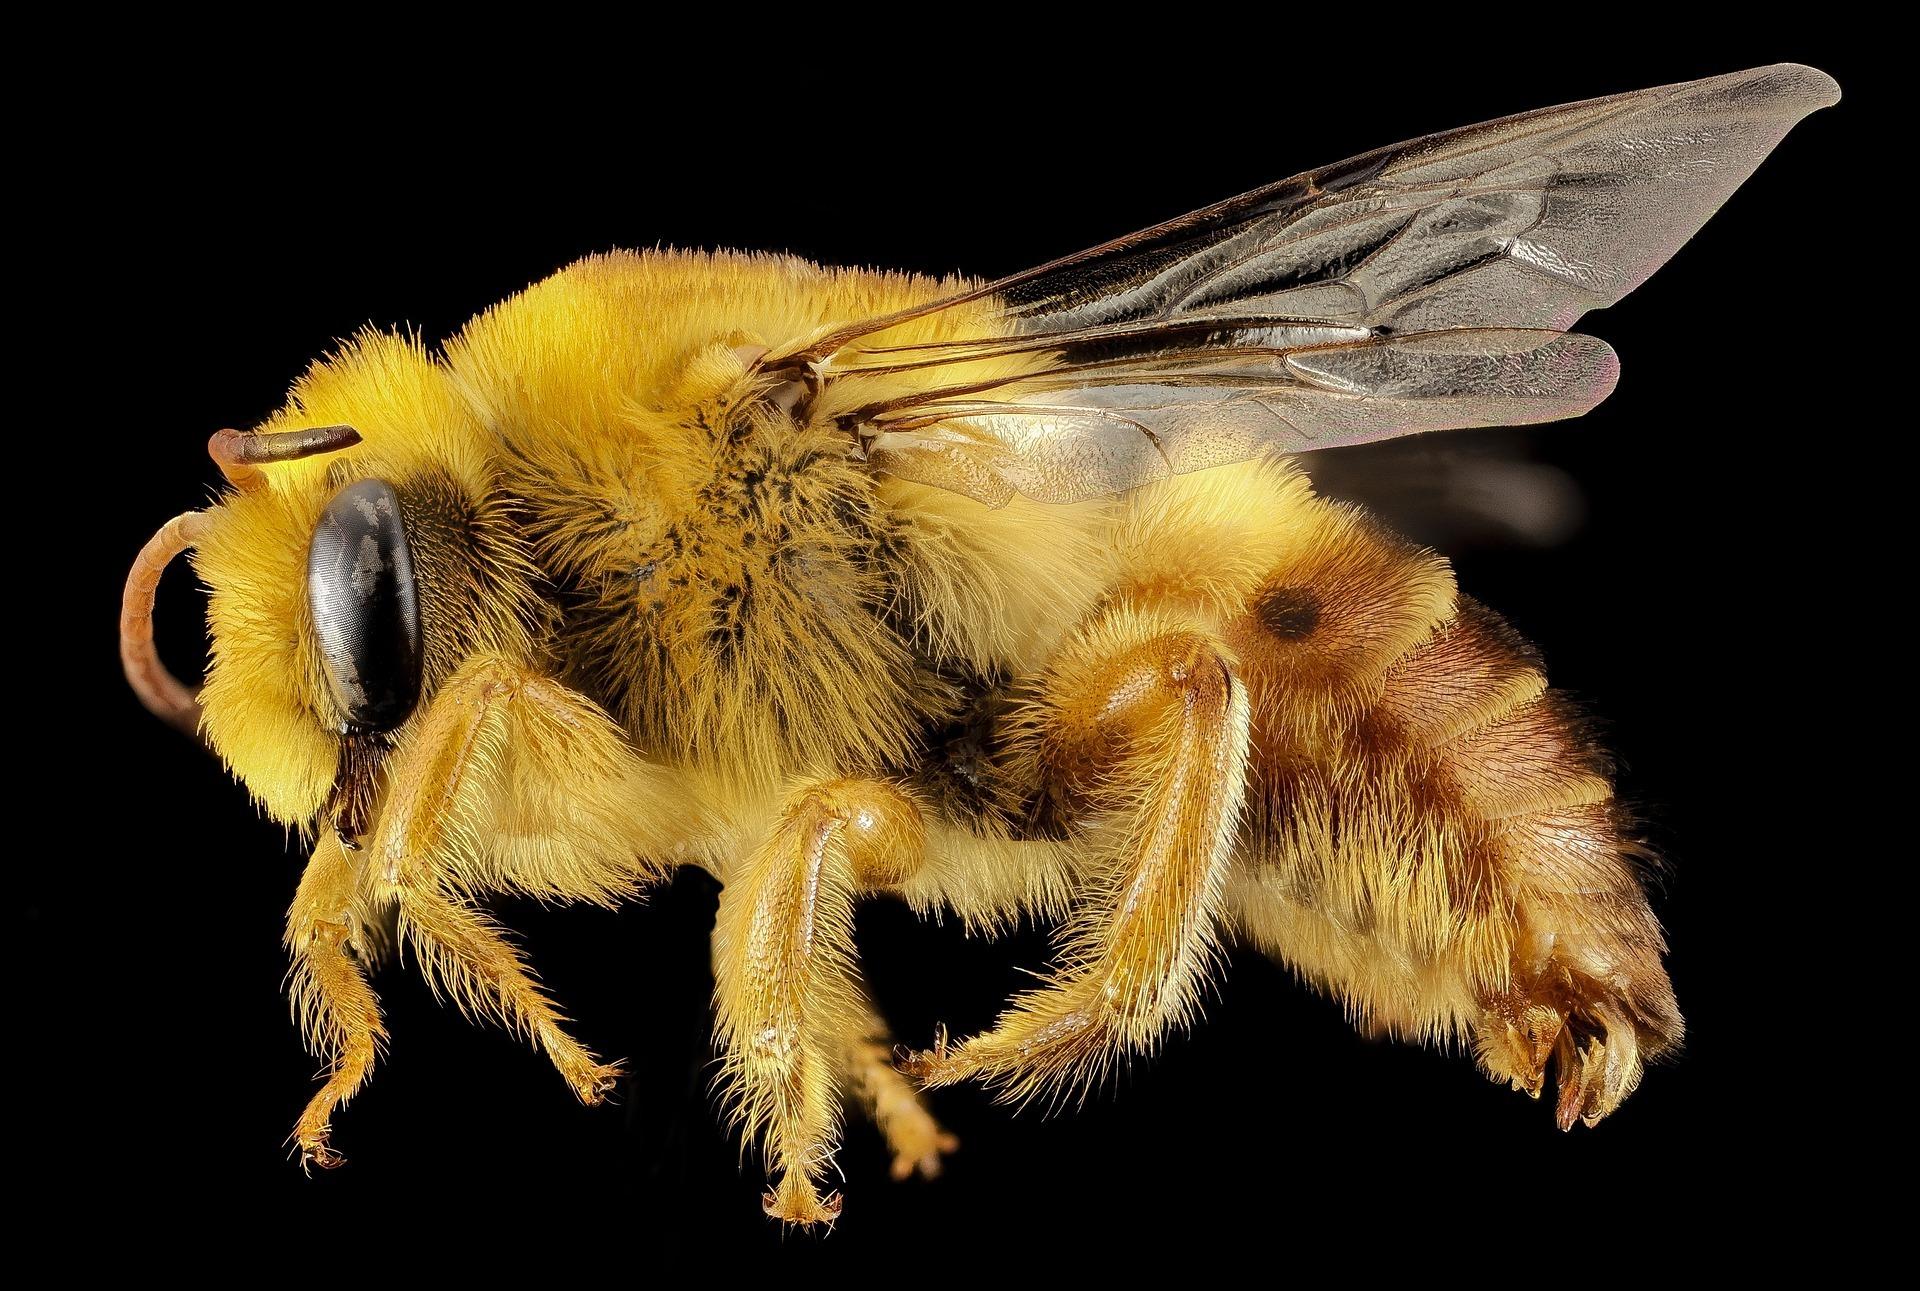 Картинка Пчелы насекомое Макро животное Черный фон Крупным планом 1920x1291 Насекомые Макросъёмка вблизи Животные на черном фоне